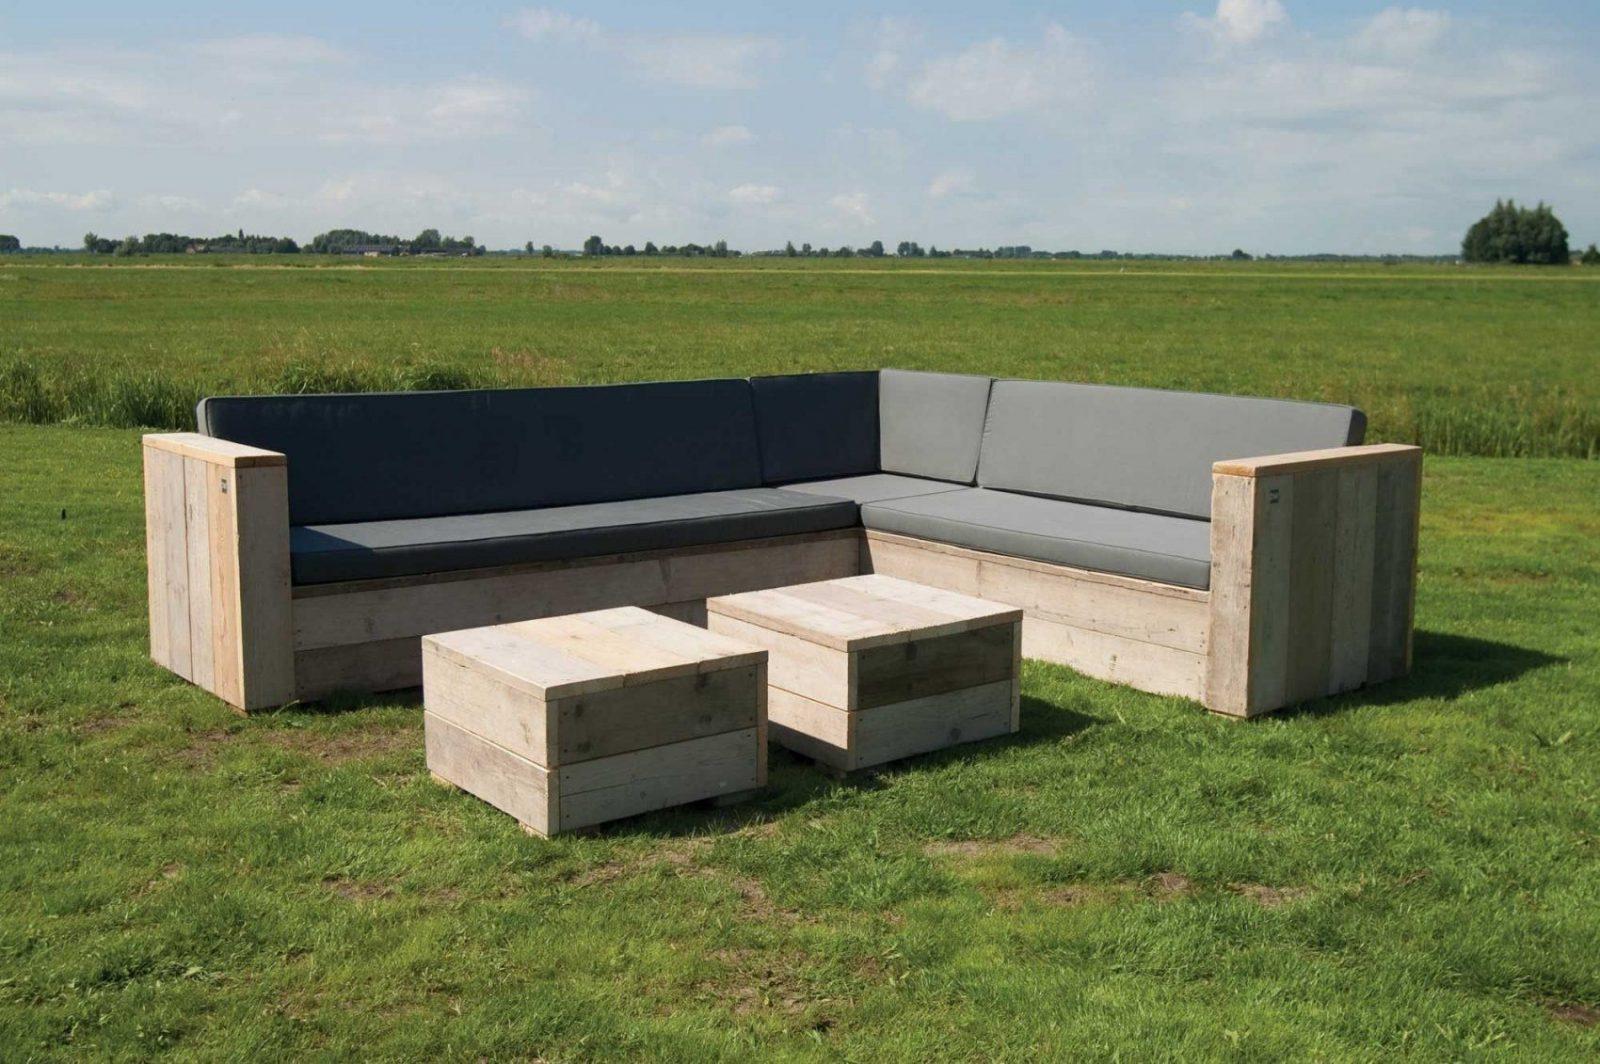 Gartenset Eckbank Aus Unbehandeltem Gerüstholz Mit Tisch Lounge von Bauholz Möbel Selber Machen Photo